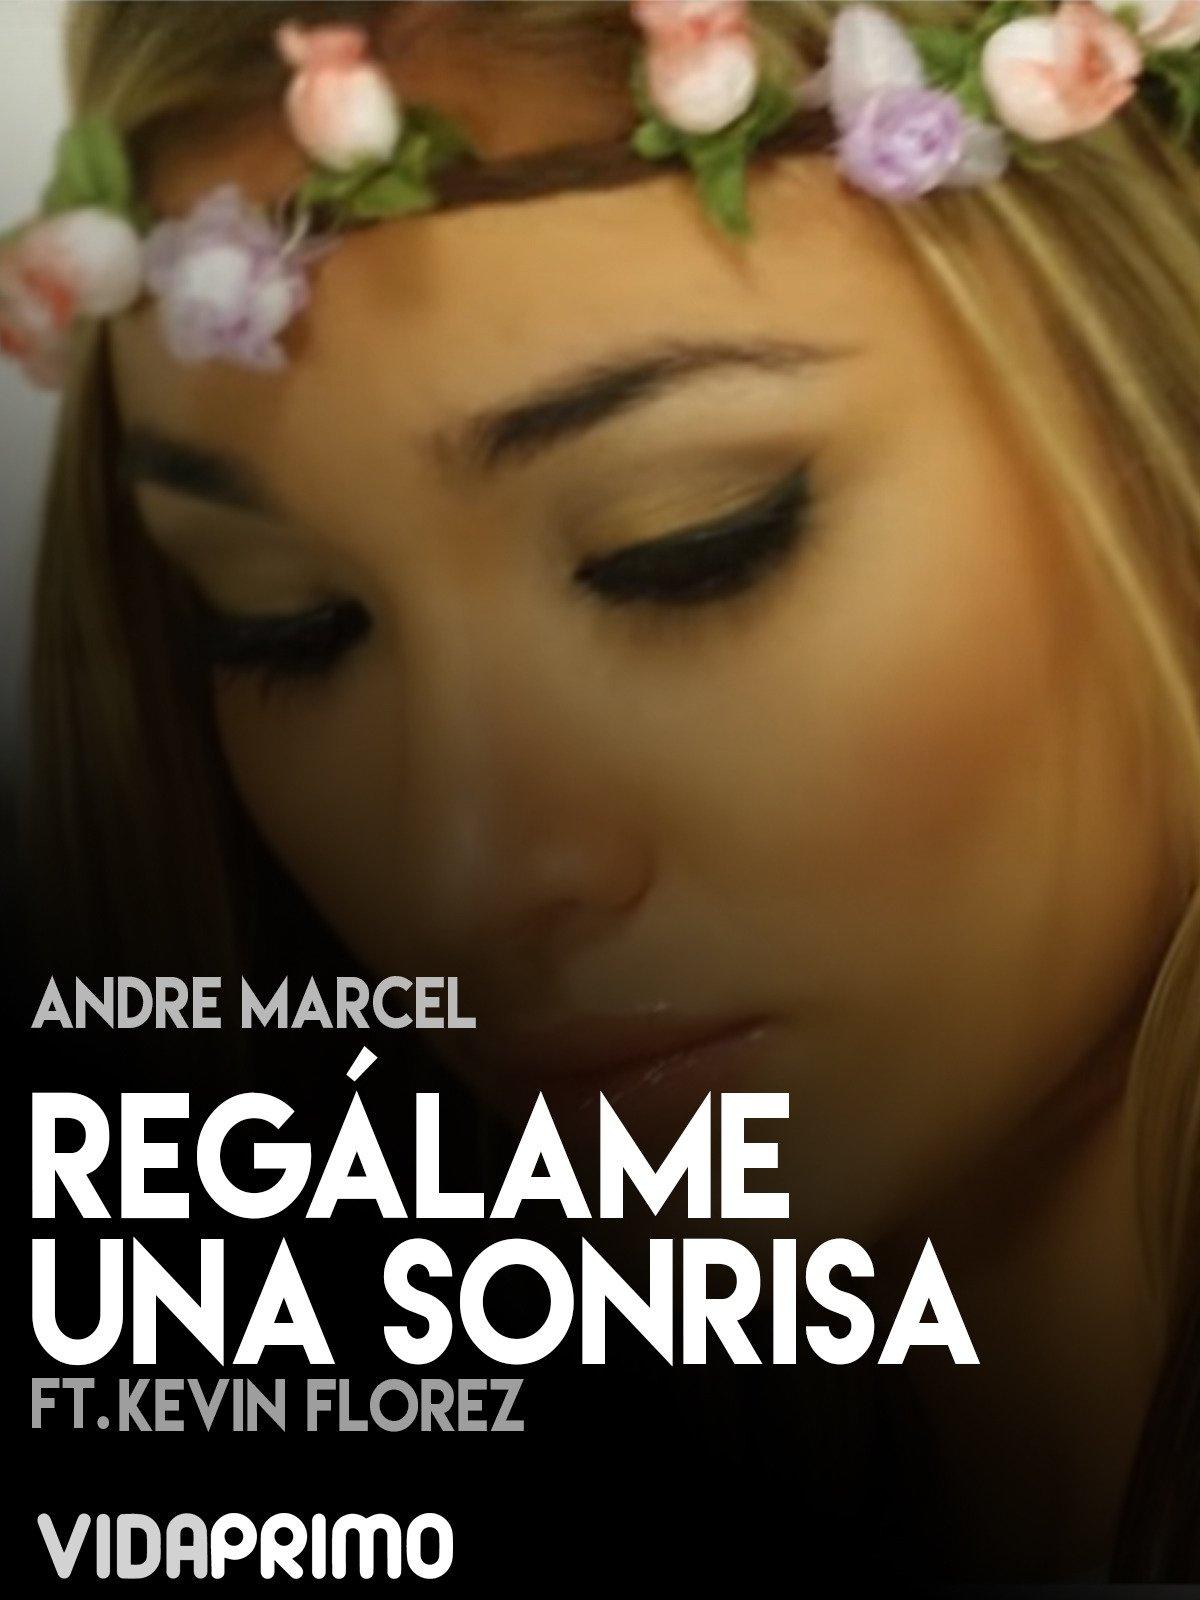 Andre Marcel Ft. Kevin Florez